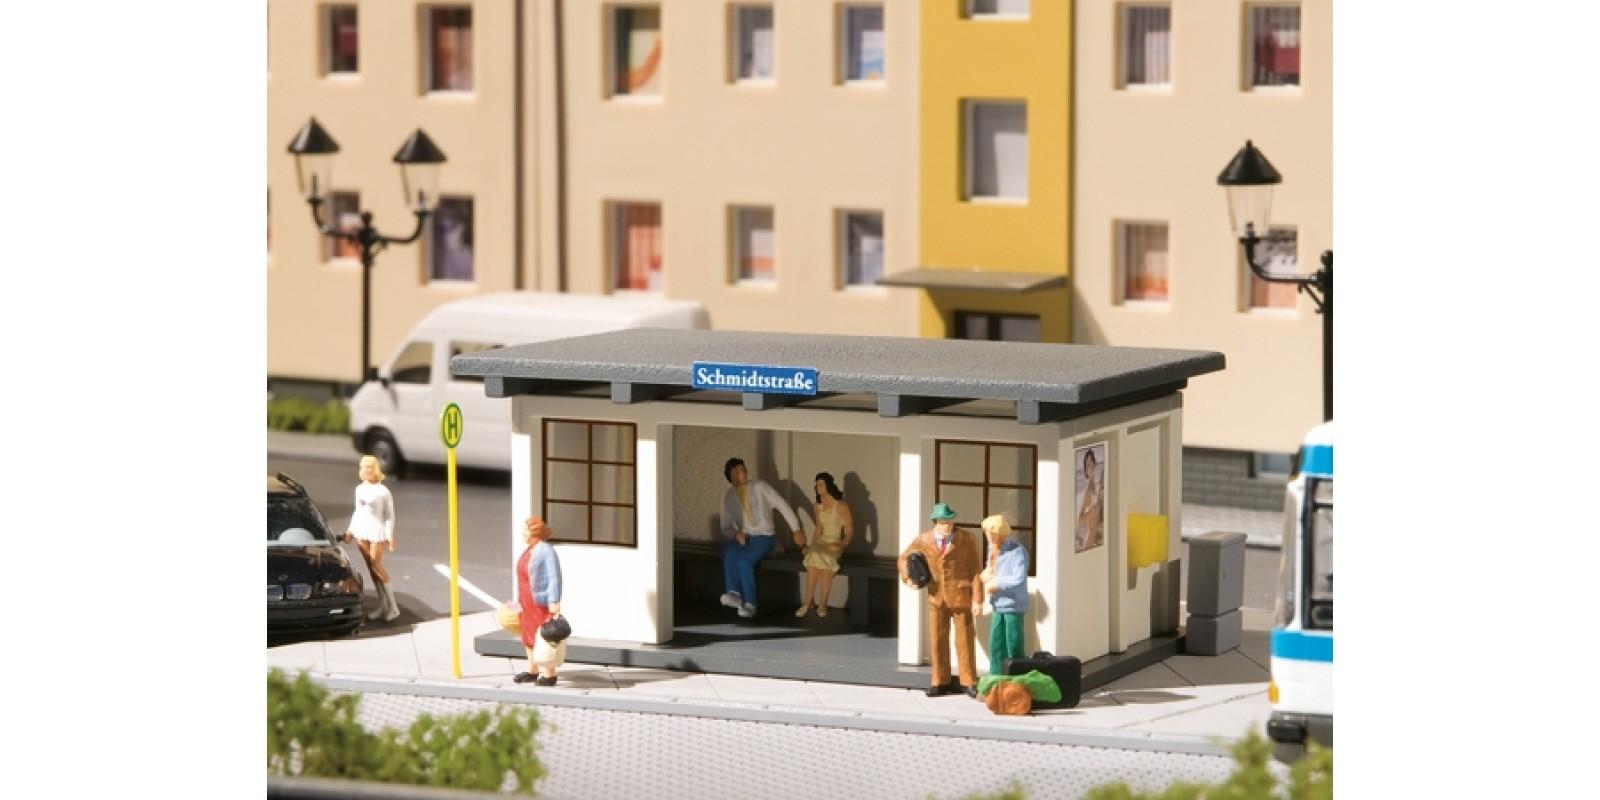 AU11419 Bus shelters